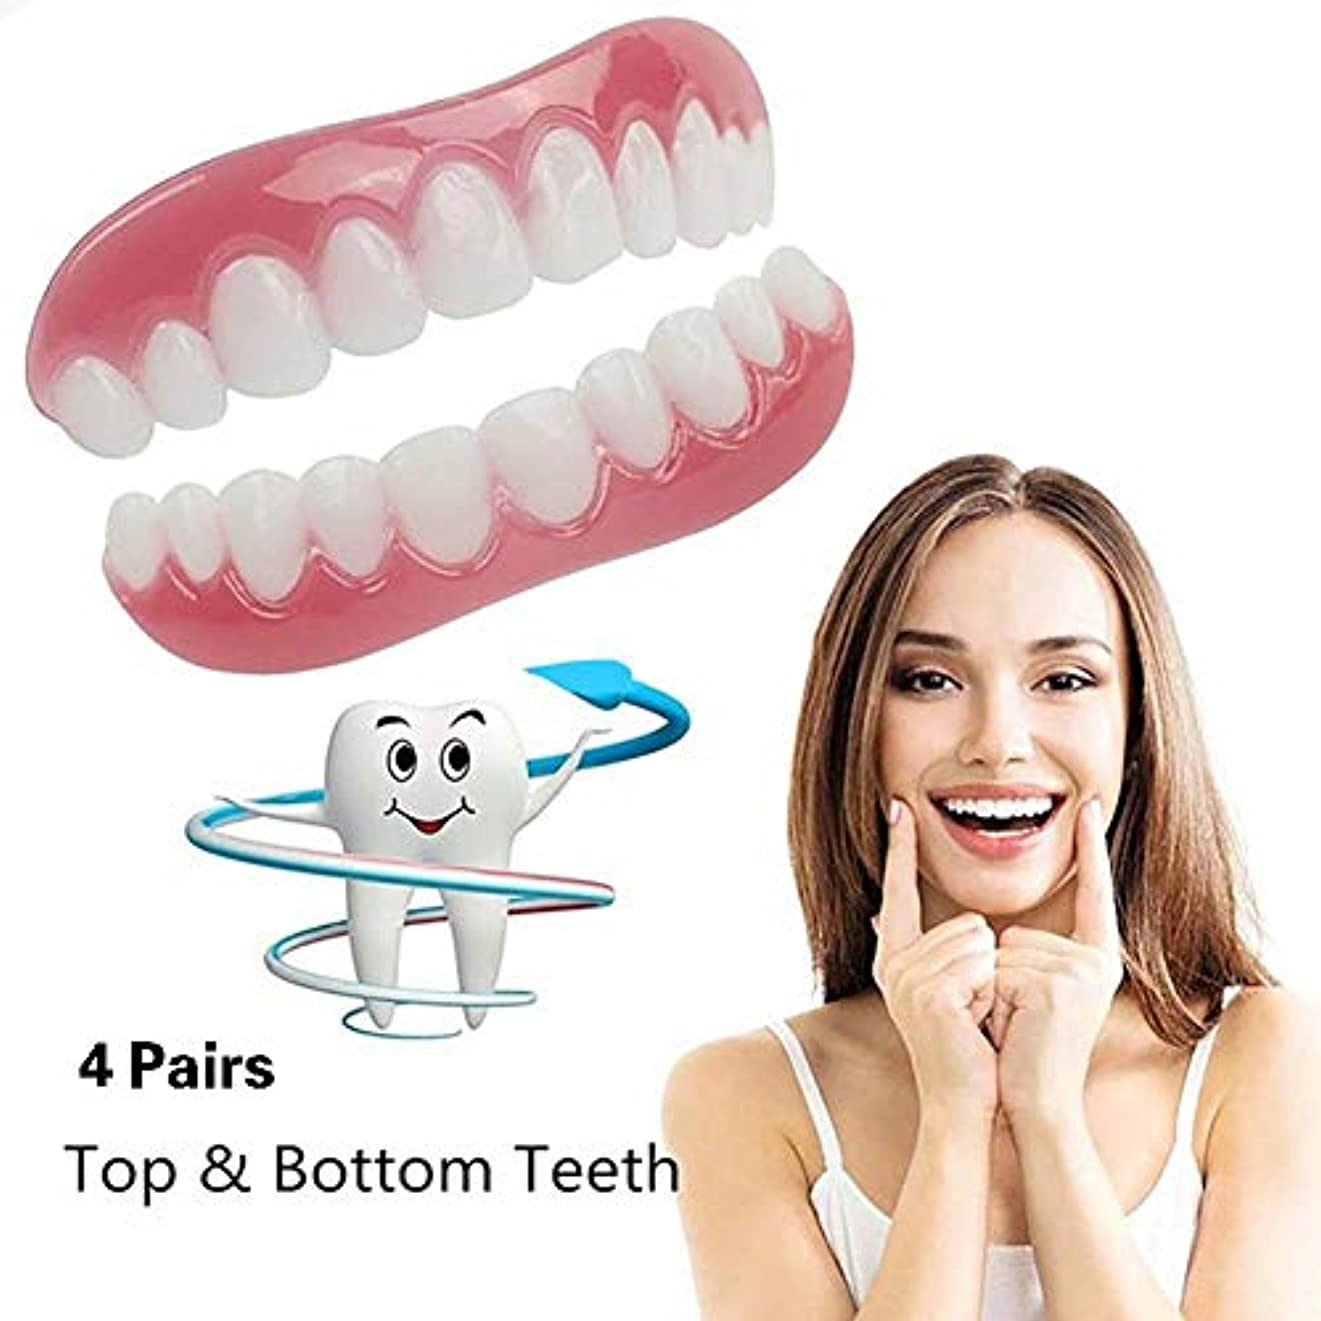 逆に自己尊重ワーディアンケースシリコーンの歯のベニヤ化粧品の歯のスナップのしっかりとした上部の低い屈曲の歯科ベニヤ義歯のケアを白くする完全な歯1つのサイズに収まるすべて